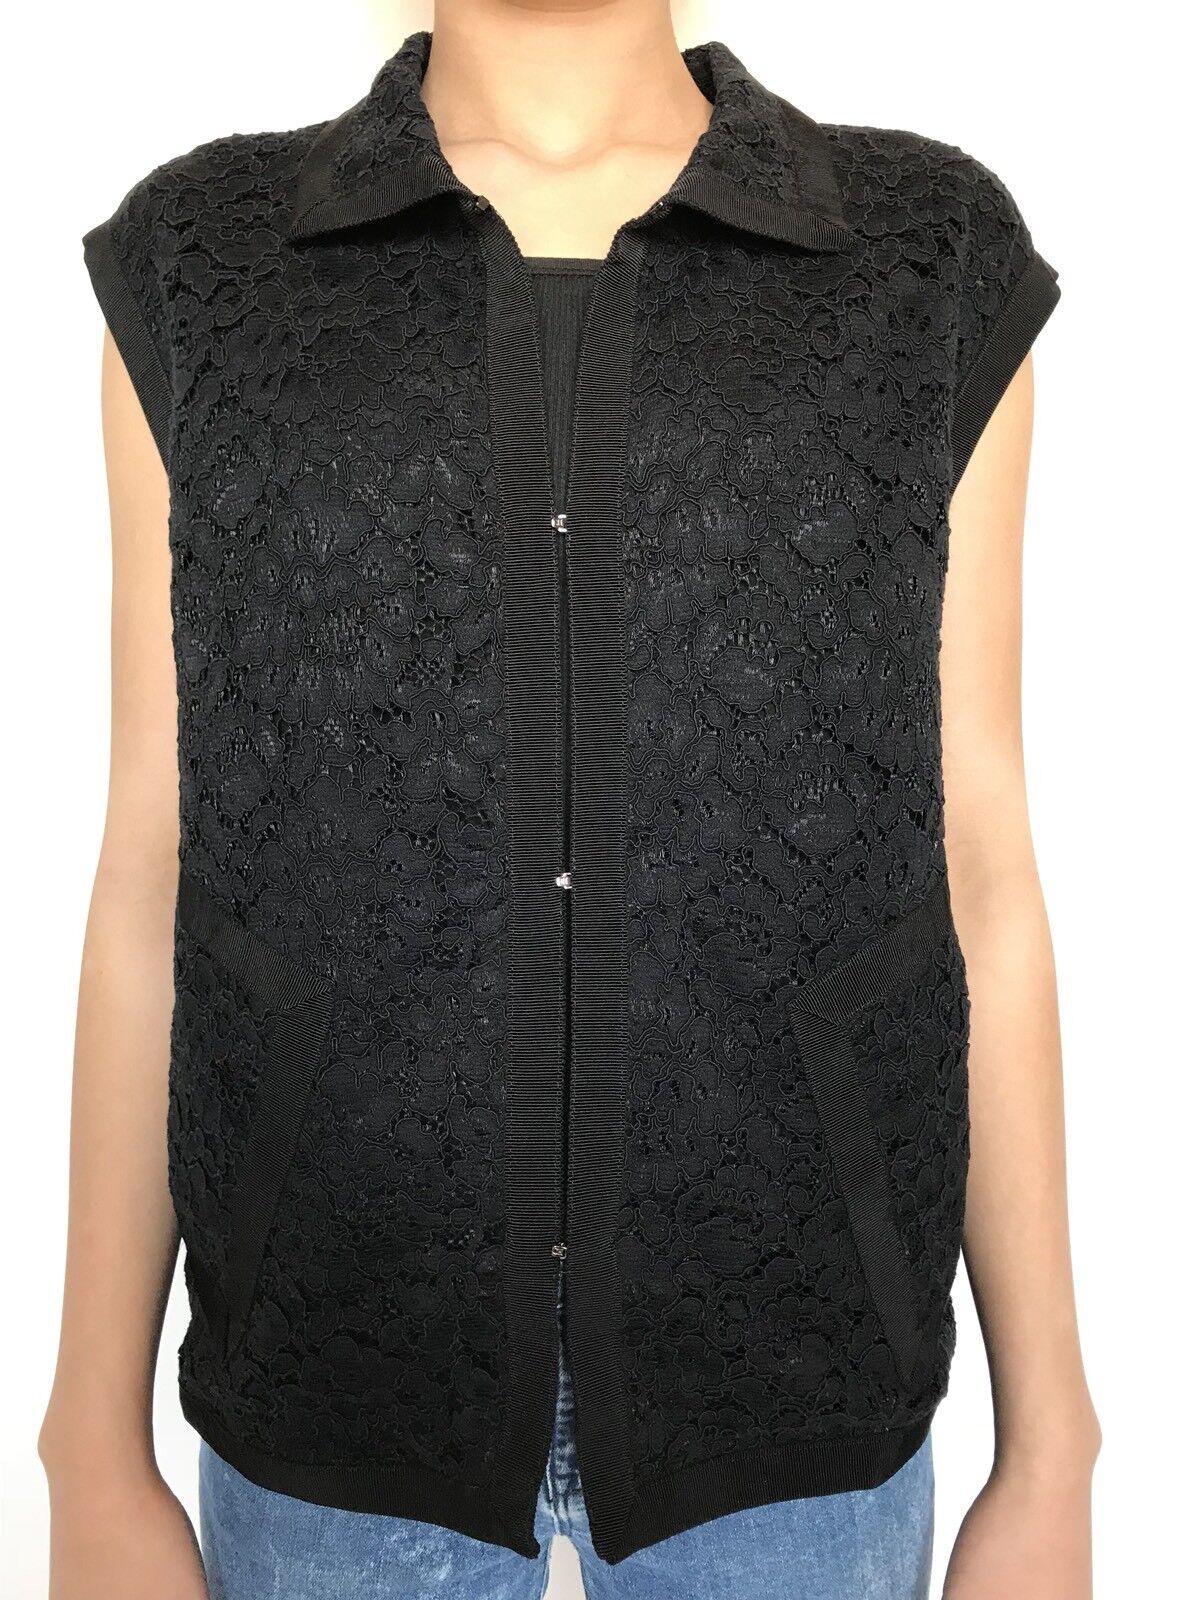 Carolina Herrera schwarz Lace Waistcoat Top. NWT Retail  Price  Größe XS